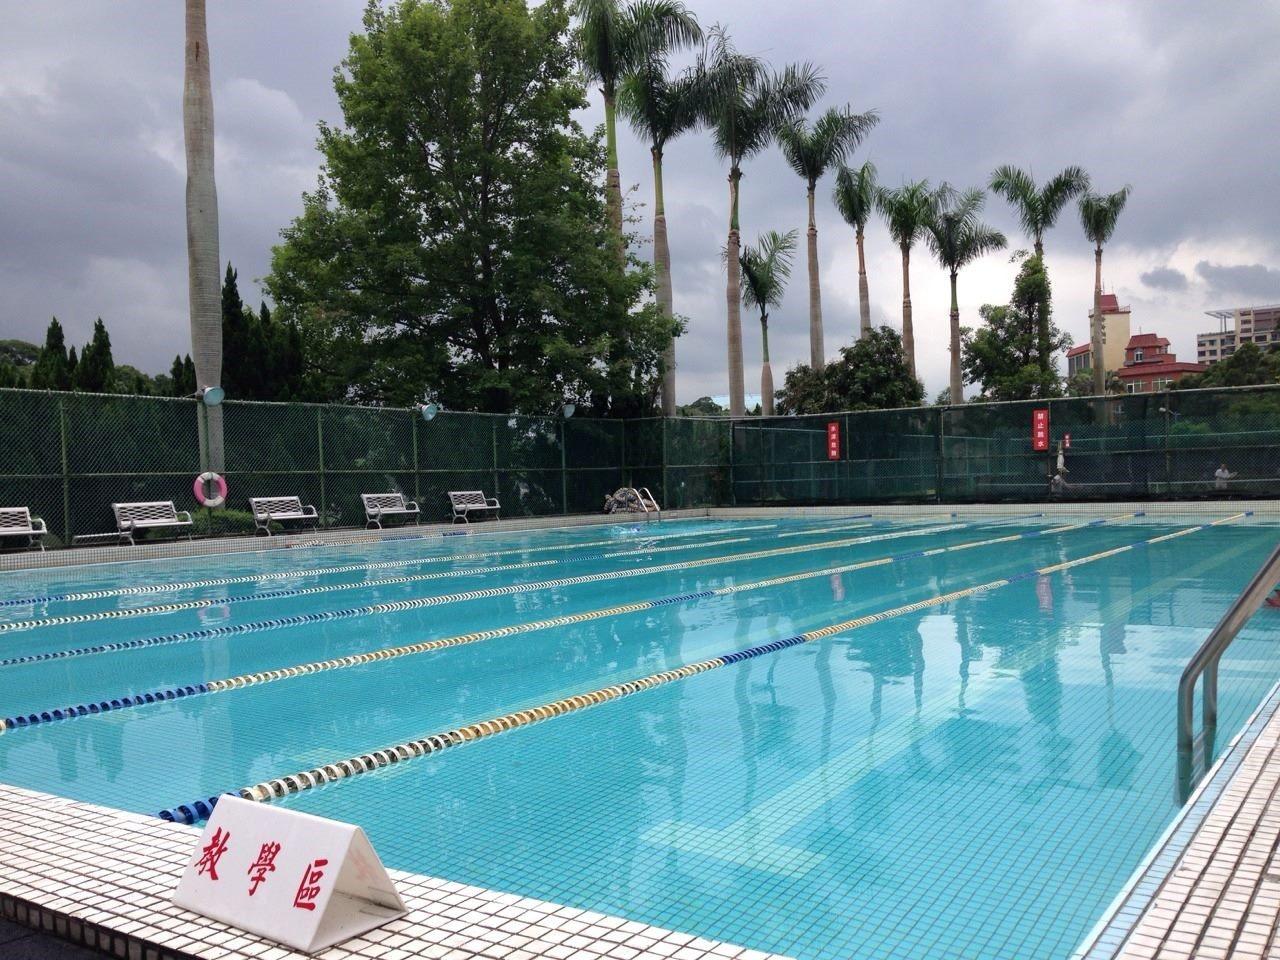 室外游泳池(25M*15M*1.2~1.5M)1座